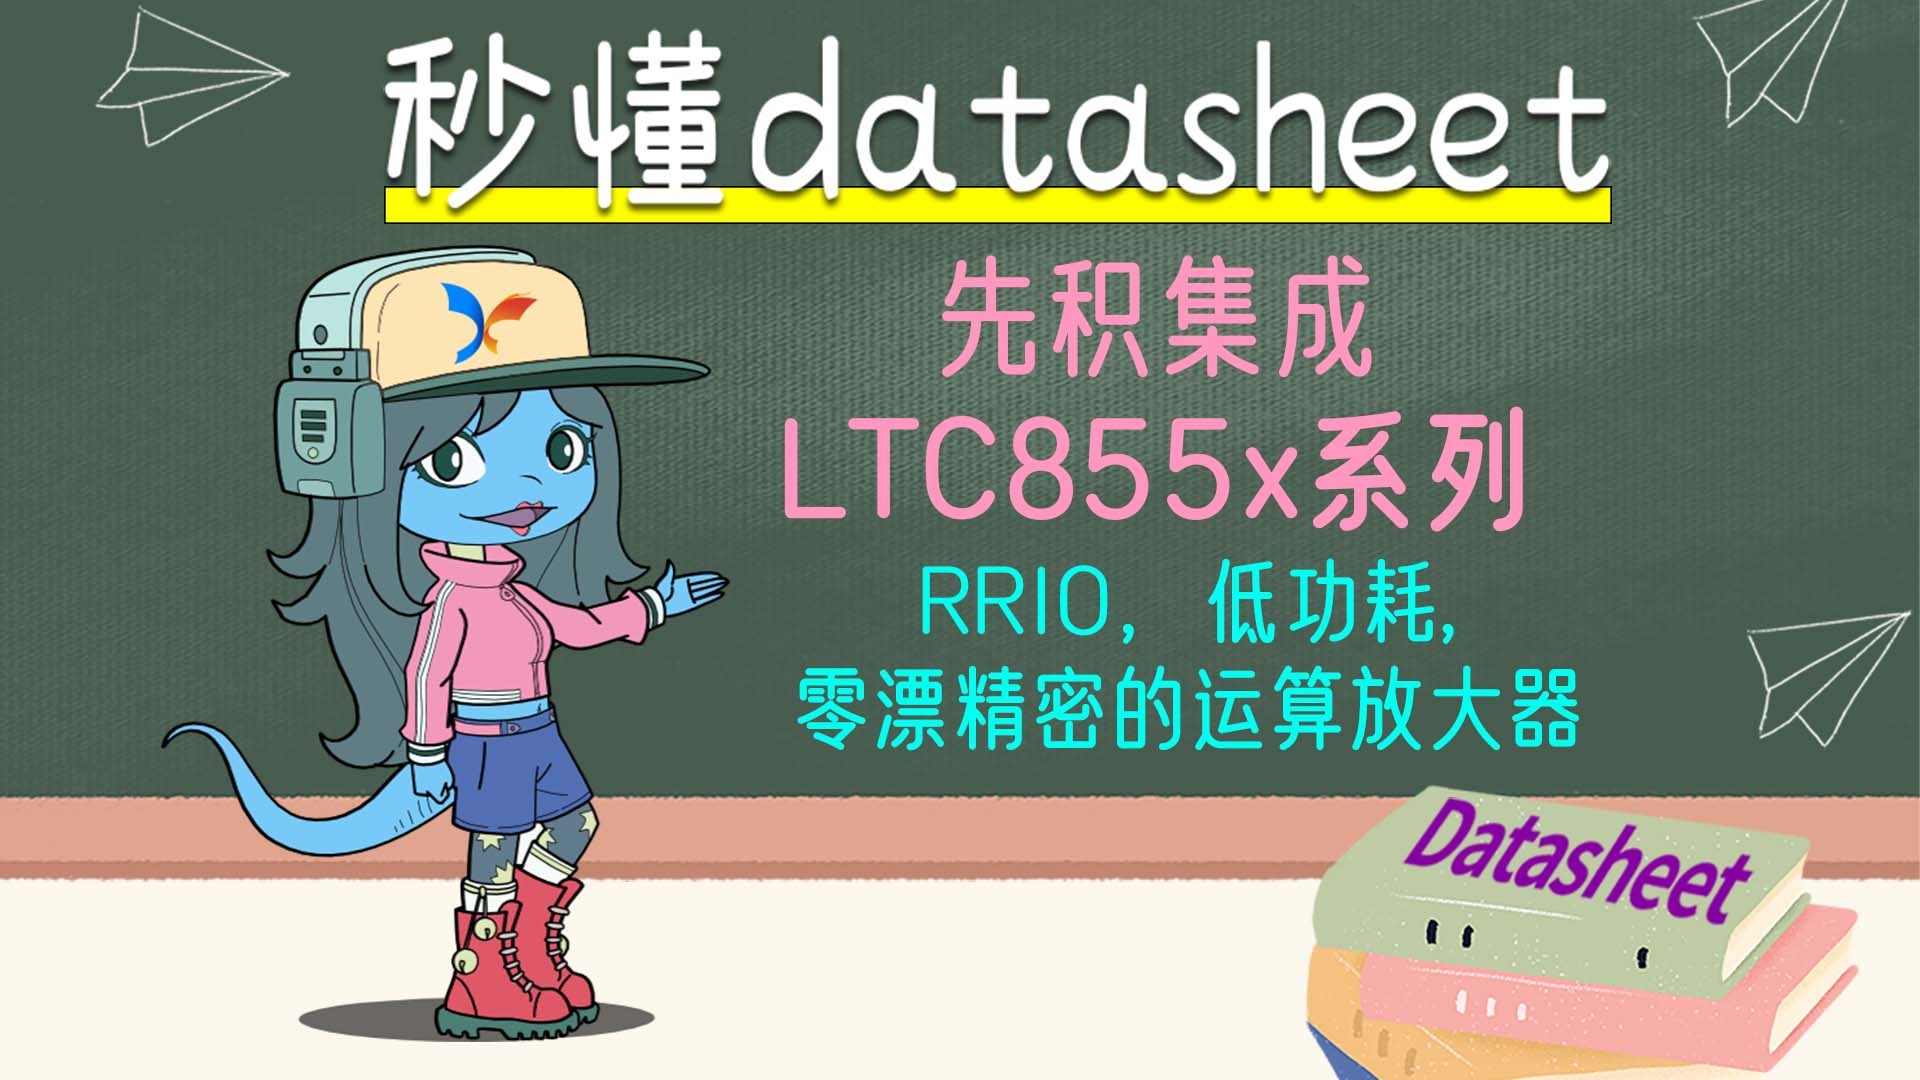 【秒懂datasheet】先积集成LTC855x系列 运算放大器